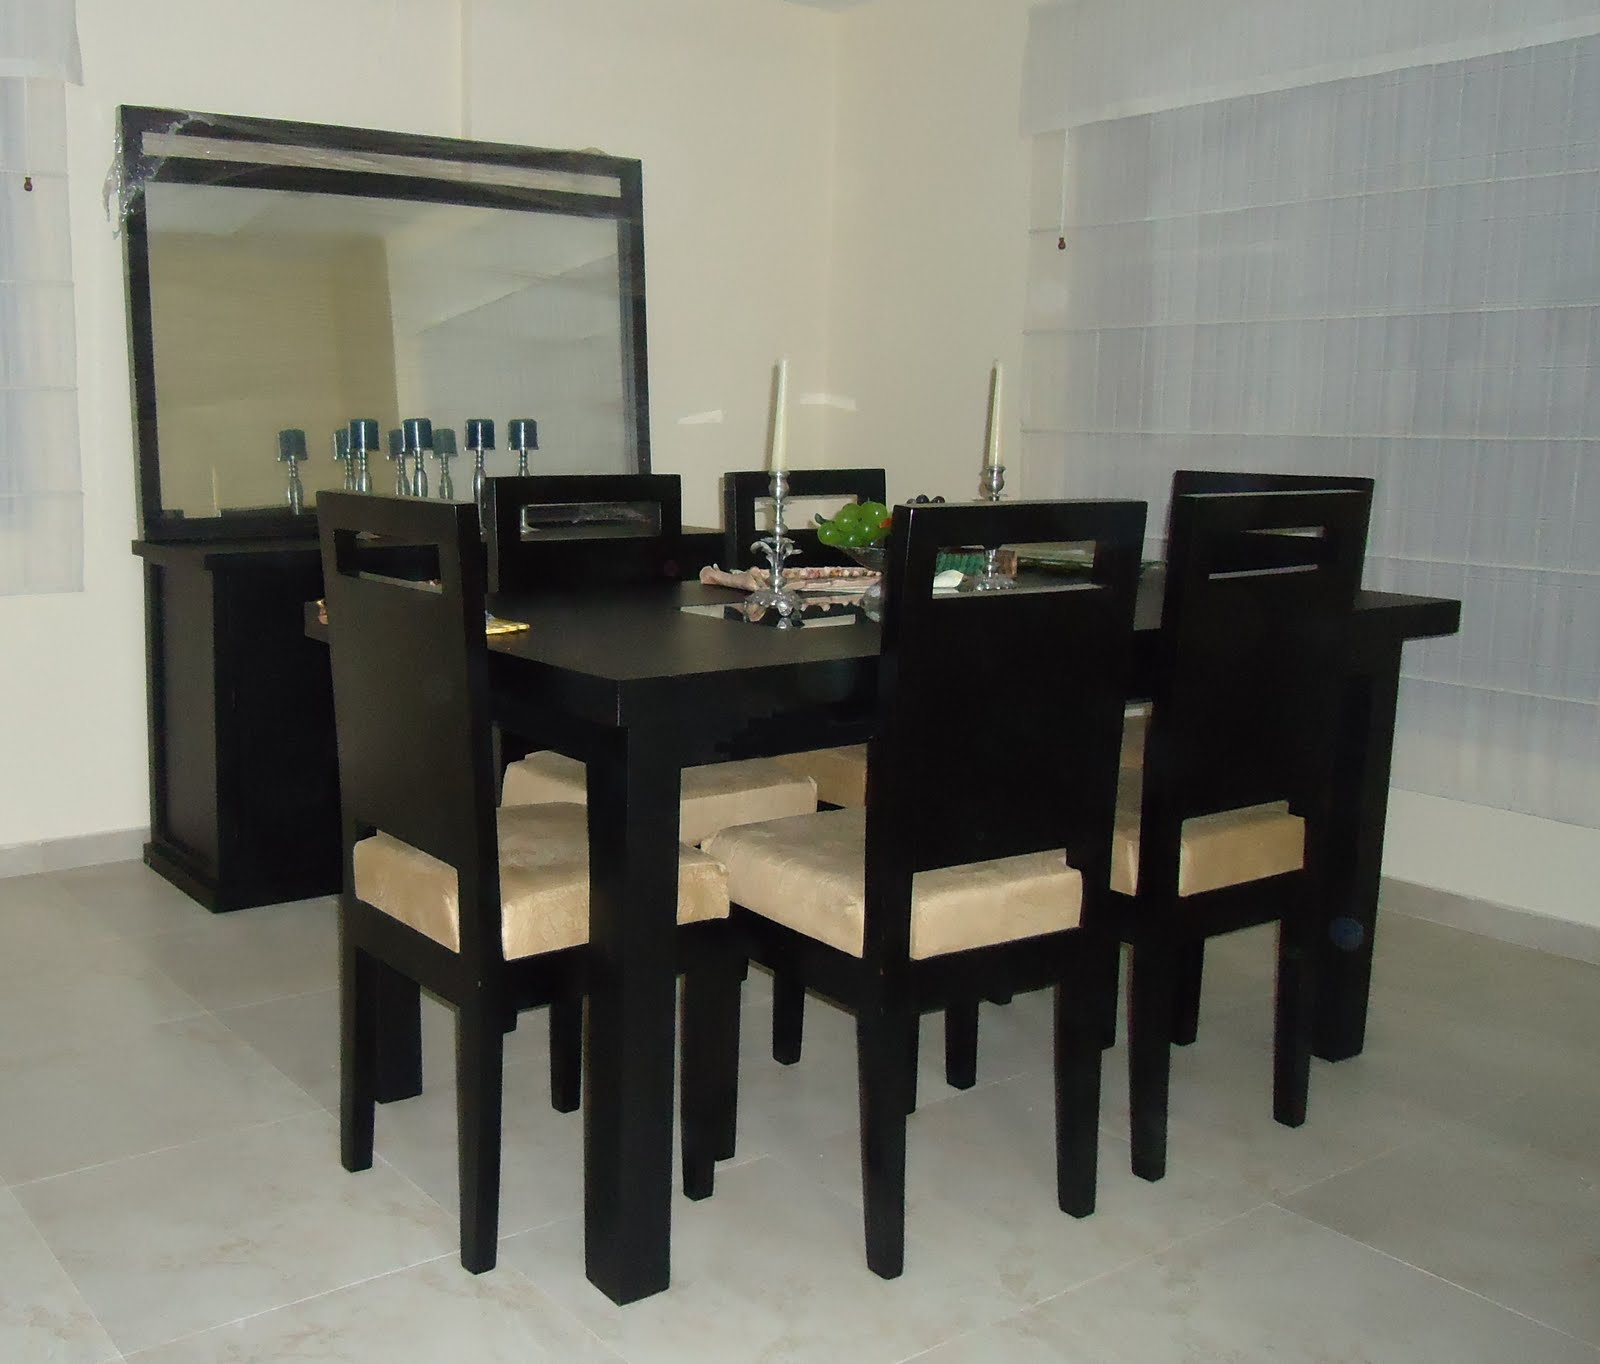 Muebles Juegos Sala Comedor  Todo para Hogar y Muebles en